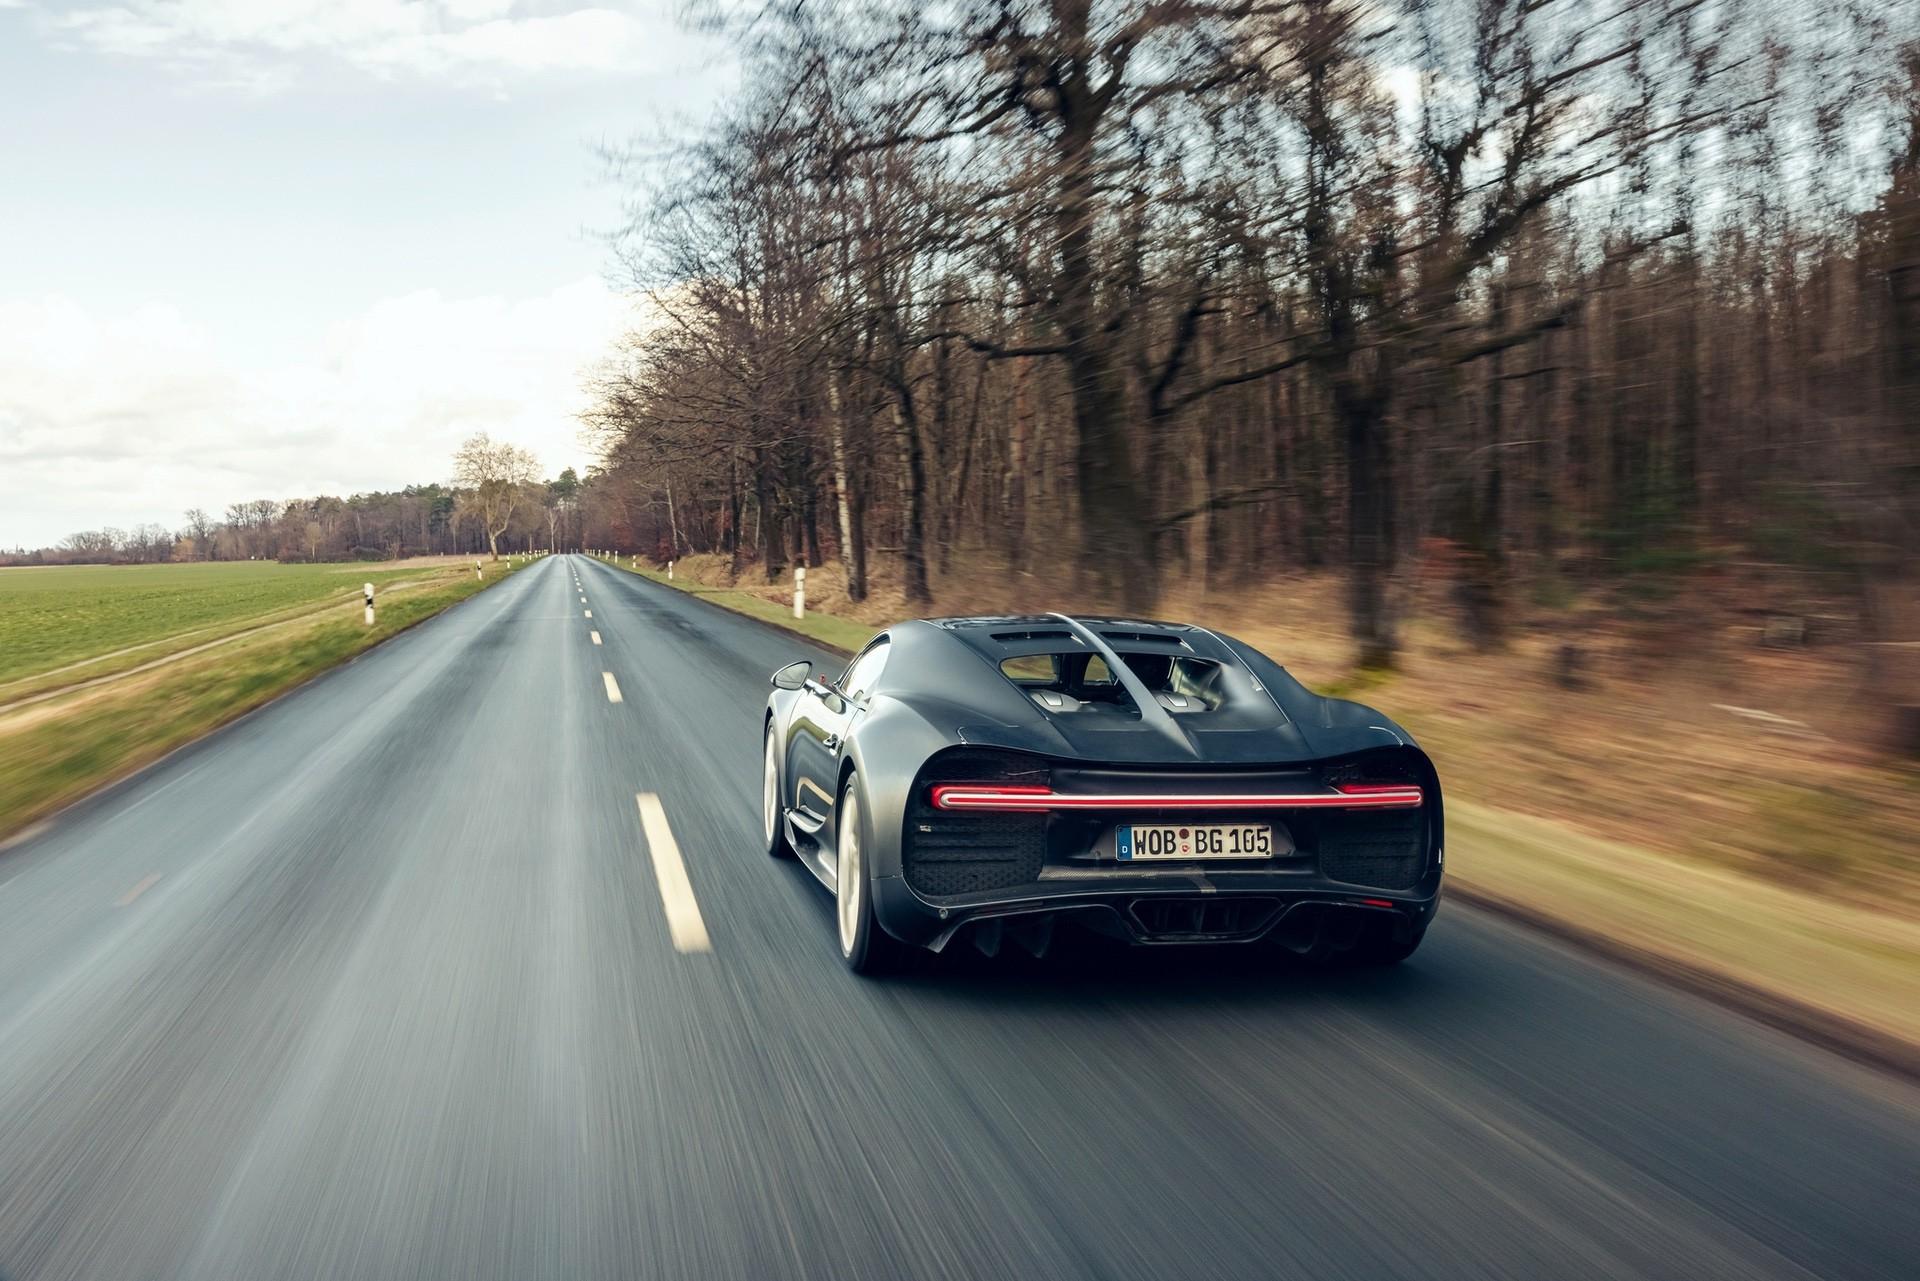 Bugatti_Chiron_Prototype_4-005-0001